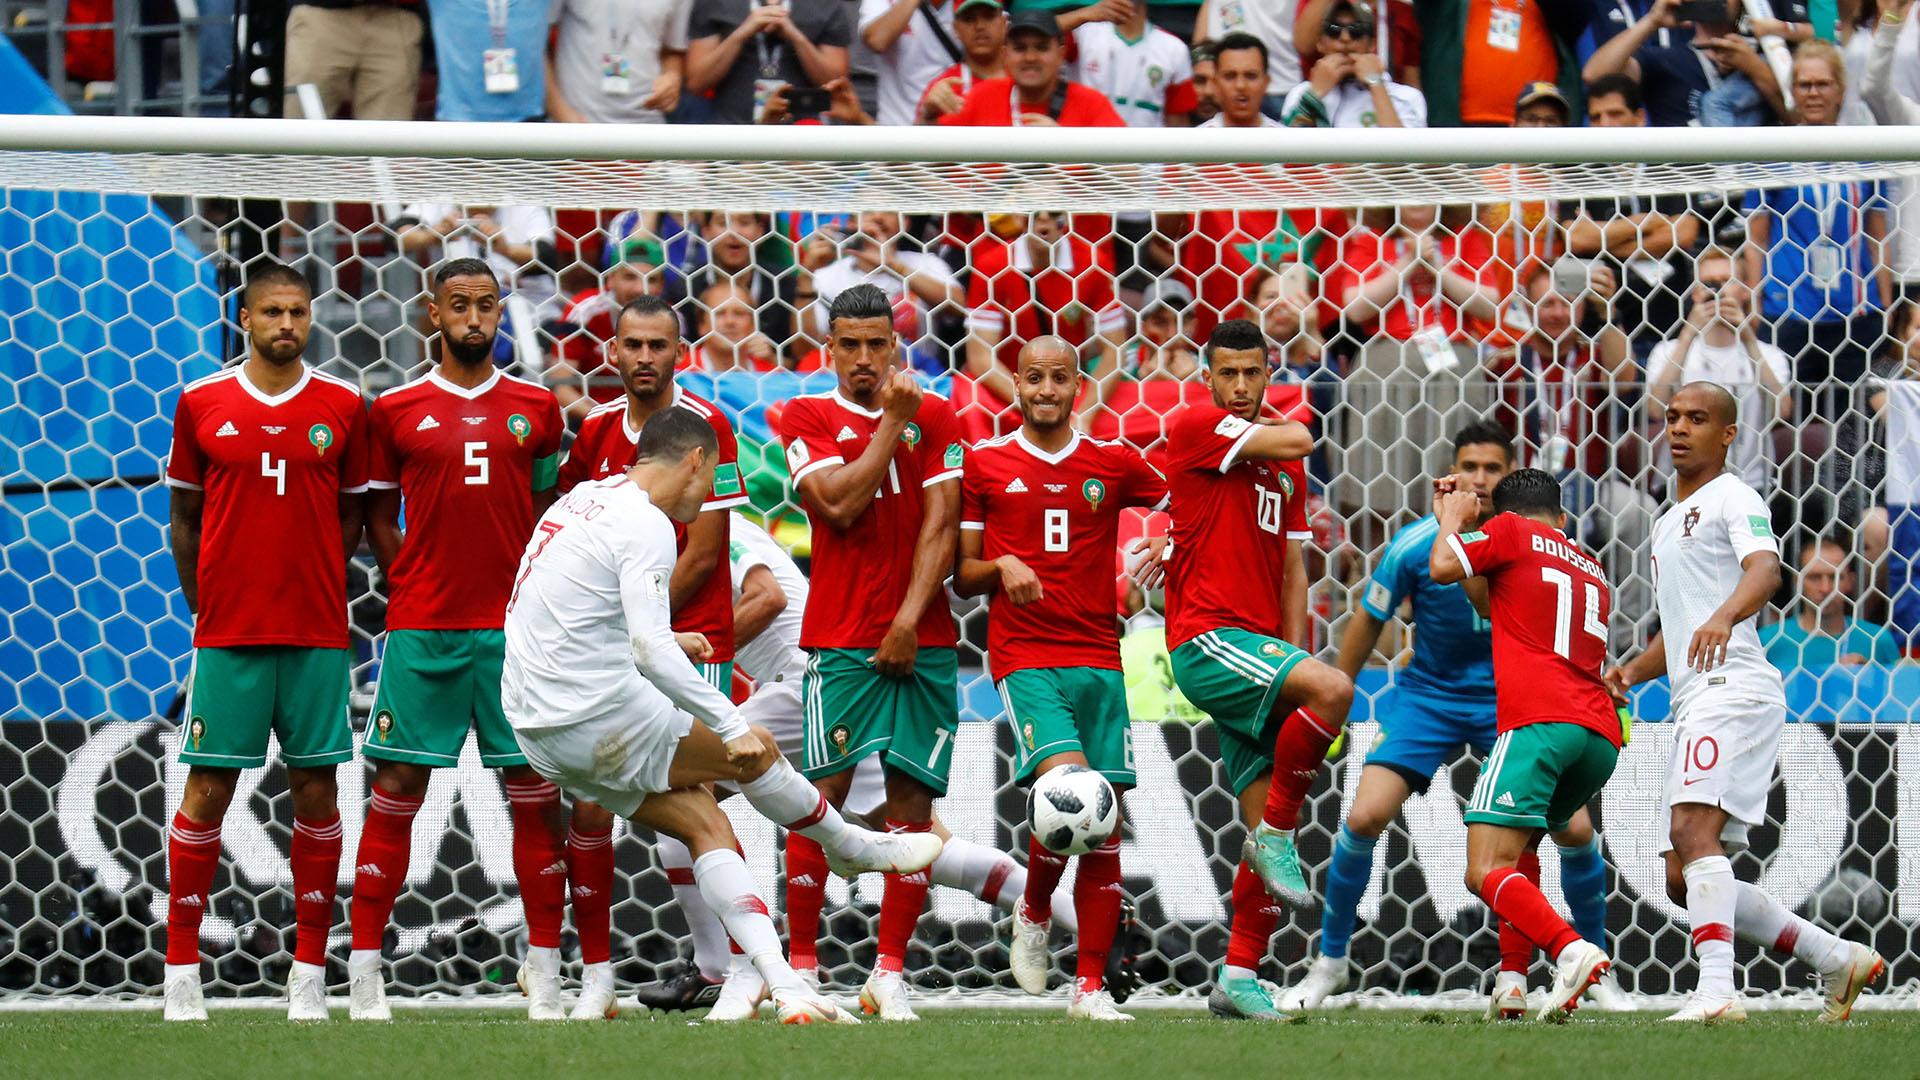 No fue una buena ejecución, pero todos bailan al ritmo de Cristiano en la barrera. Frente a Marruecos falló en los tiros libres que tuvo al borde del área. Reuters